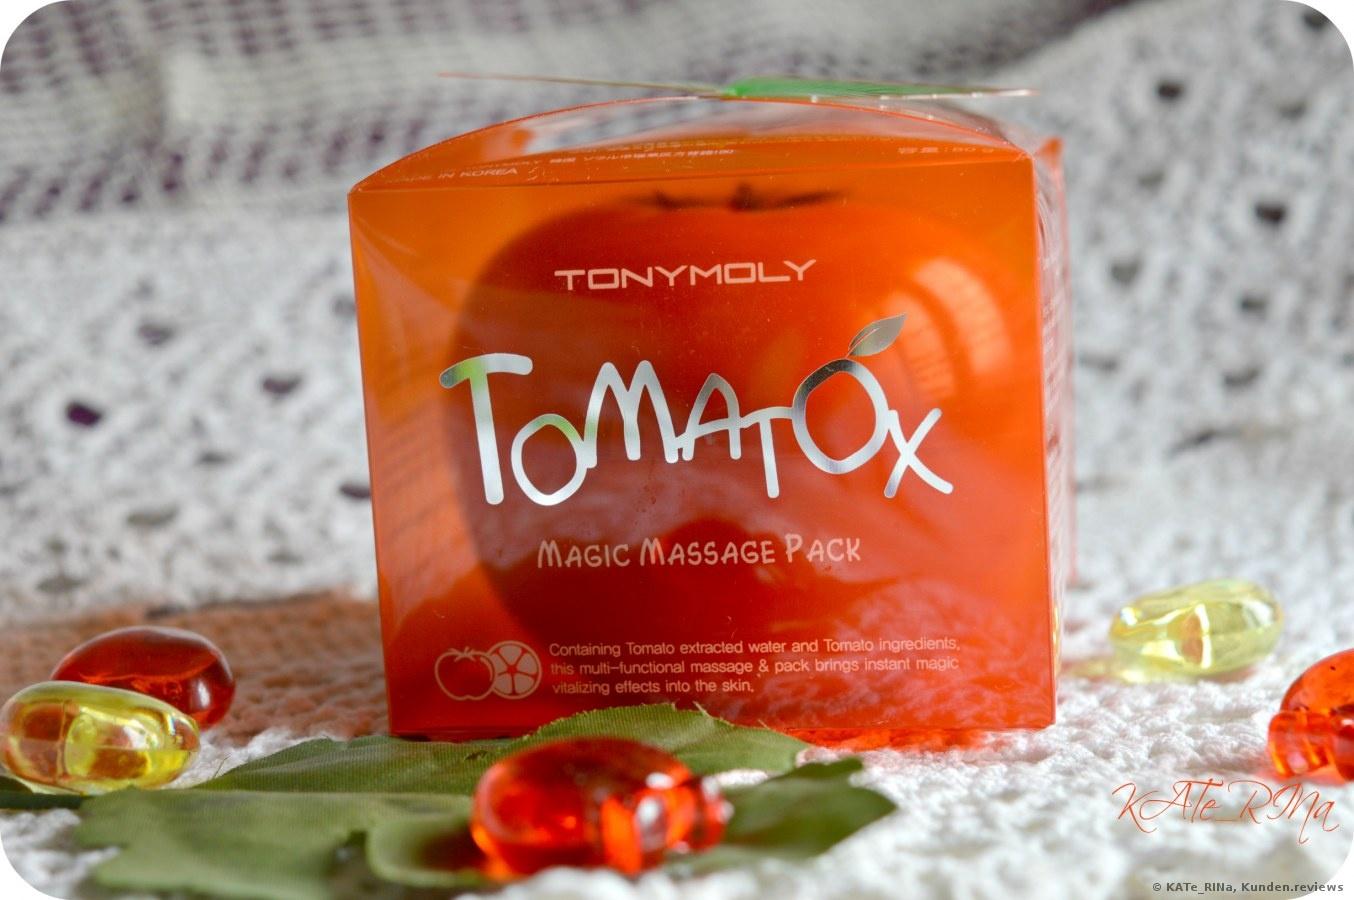 Tony Moly Tomatox Magic White Massage Pack Gesichtsmaske Foto